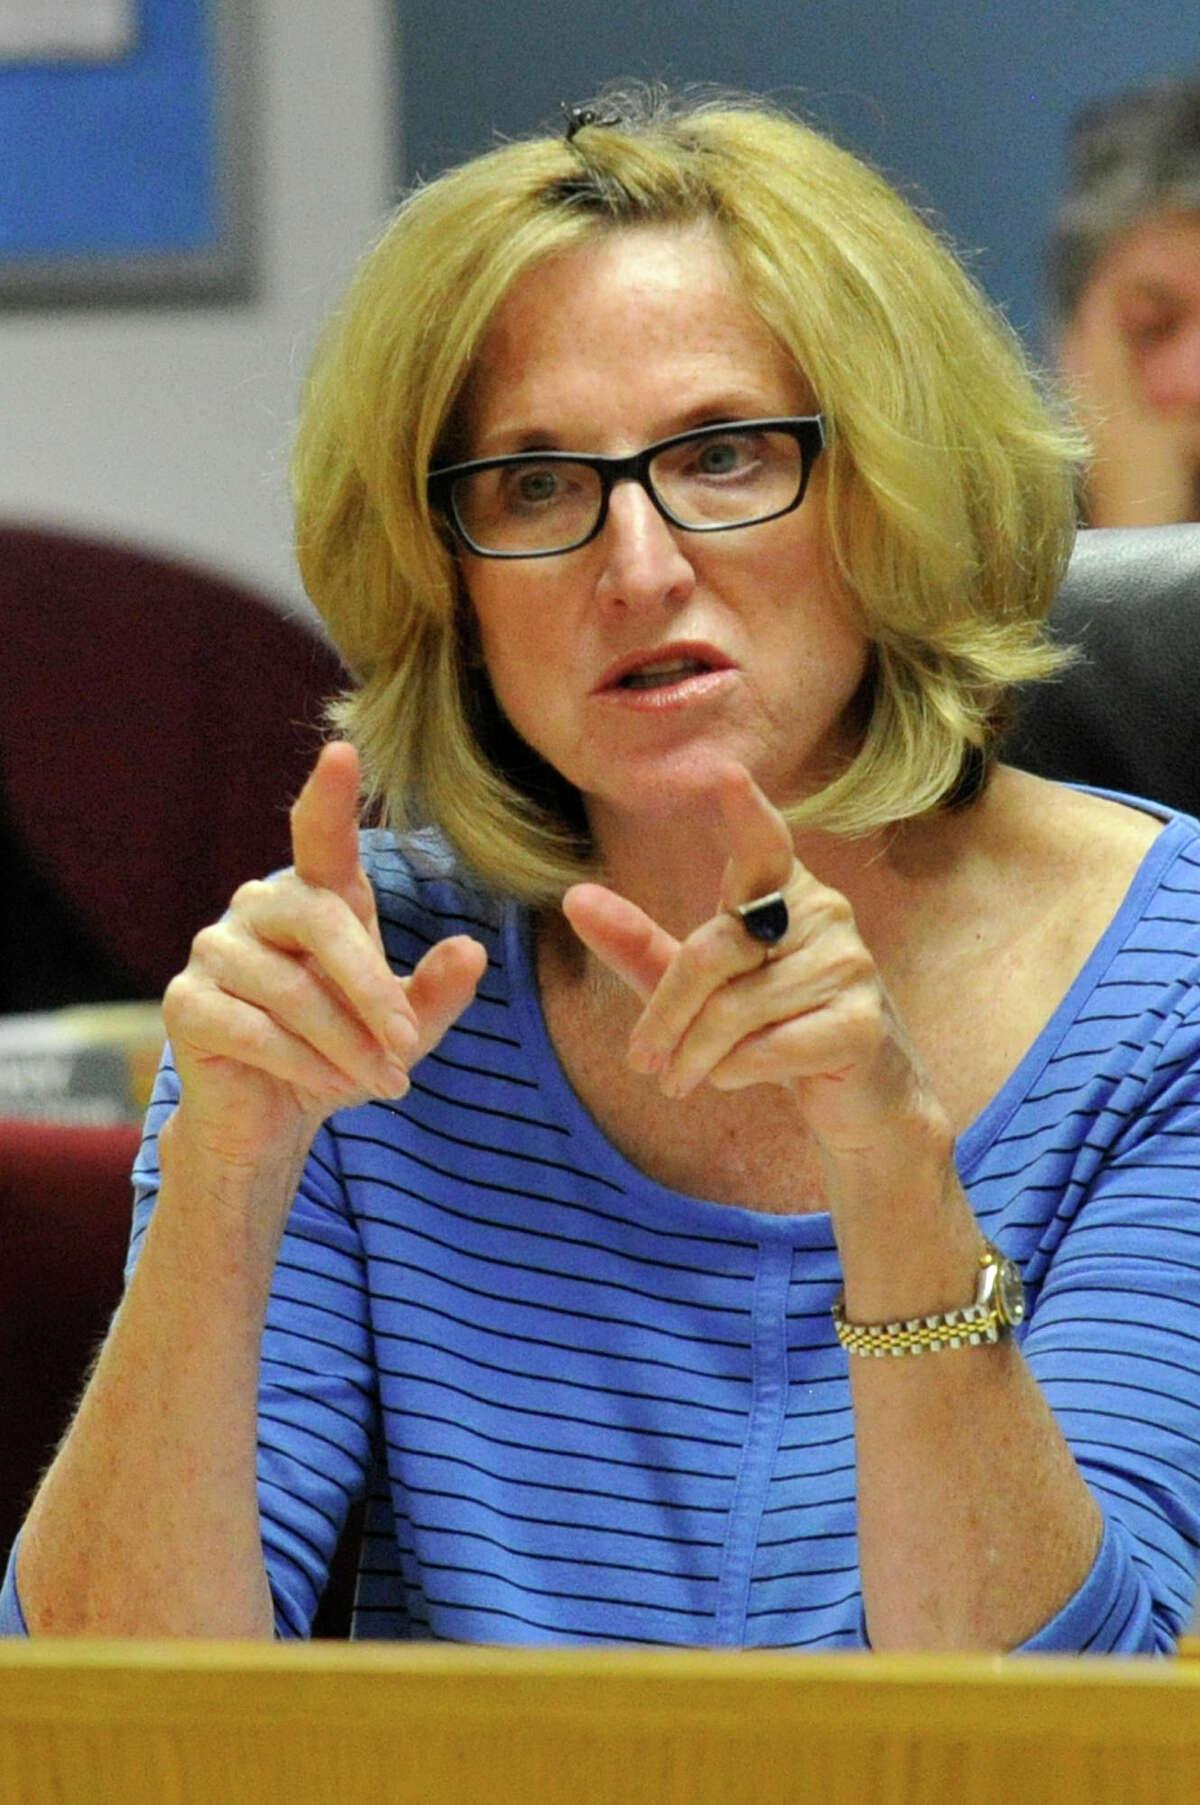 Board of Education member Julia Wade